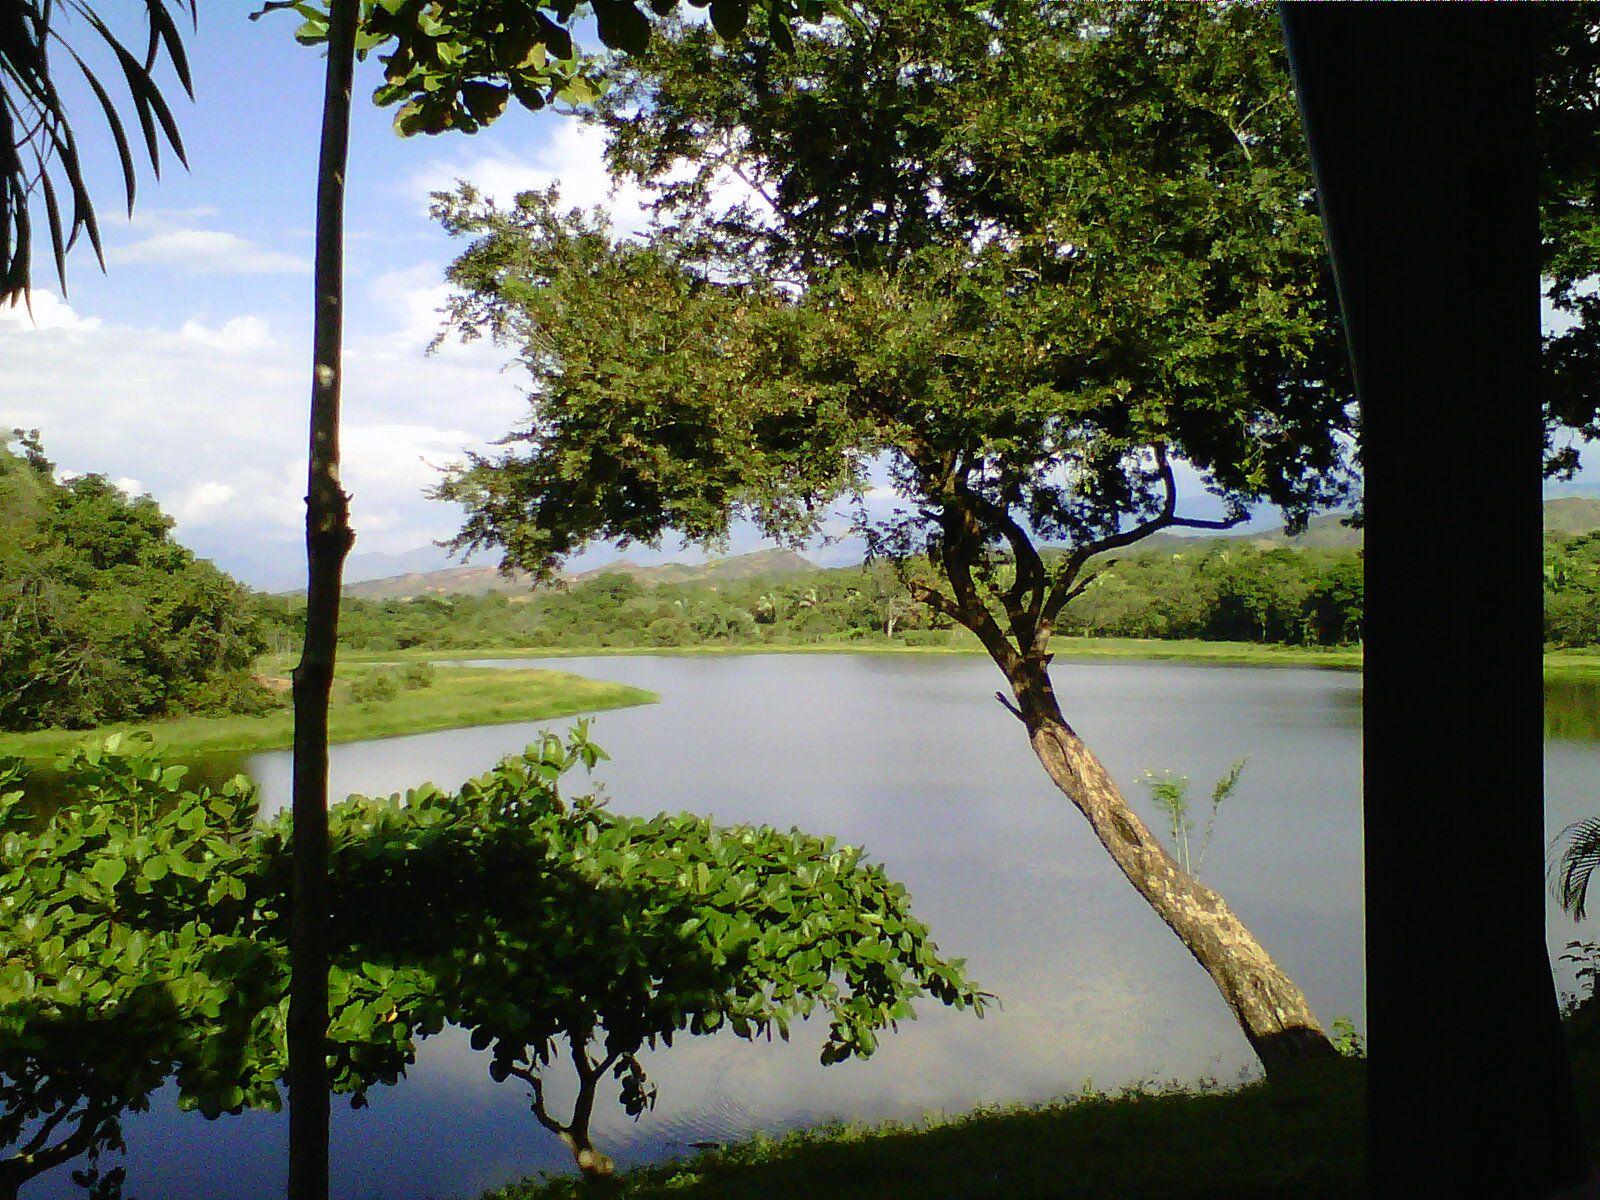 Carmen de Apicala ubicado en el Departamento del Tolima, hermosa laguna para practicar sky